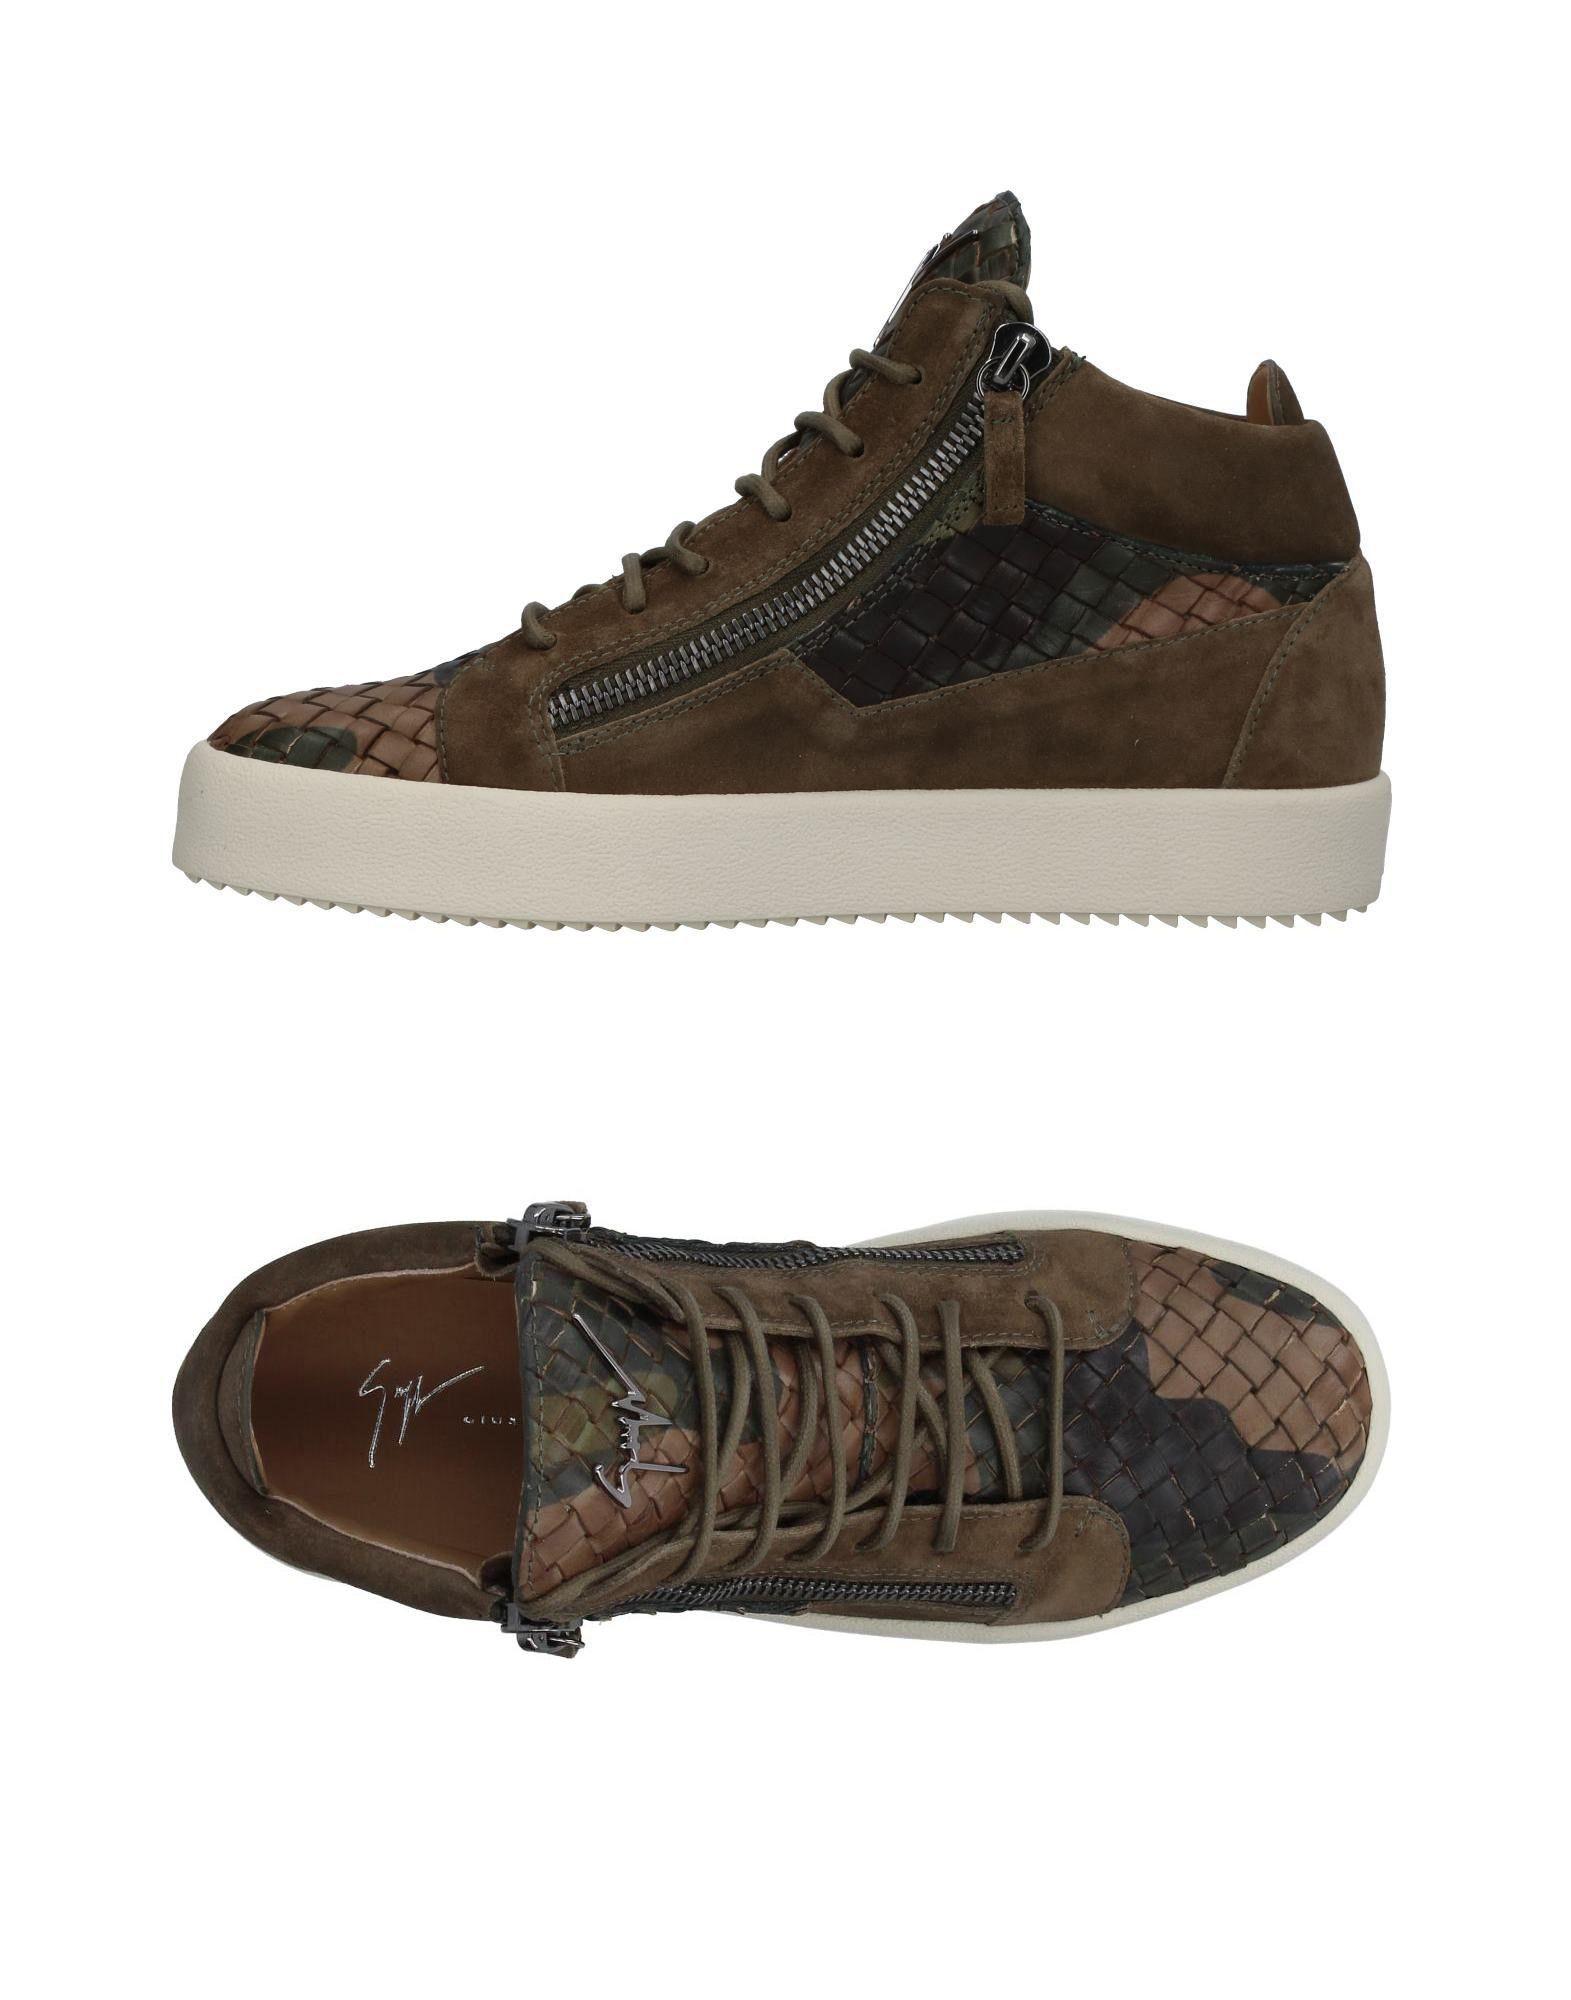 Sneakers Giuseppe Zanotti Homme - Sneakers Giuseppe Zanotti  Vert militaire Réduction de prix saisonnier, remise